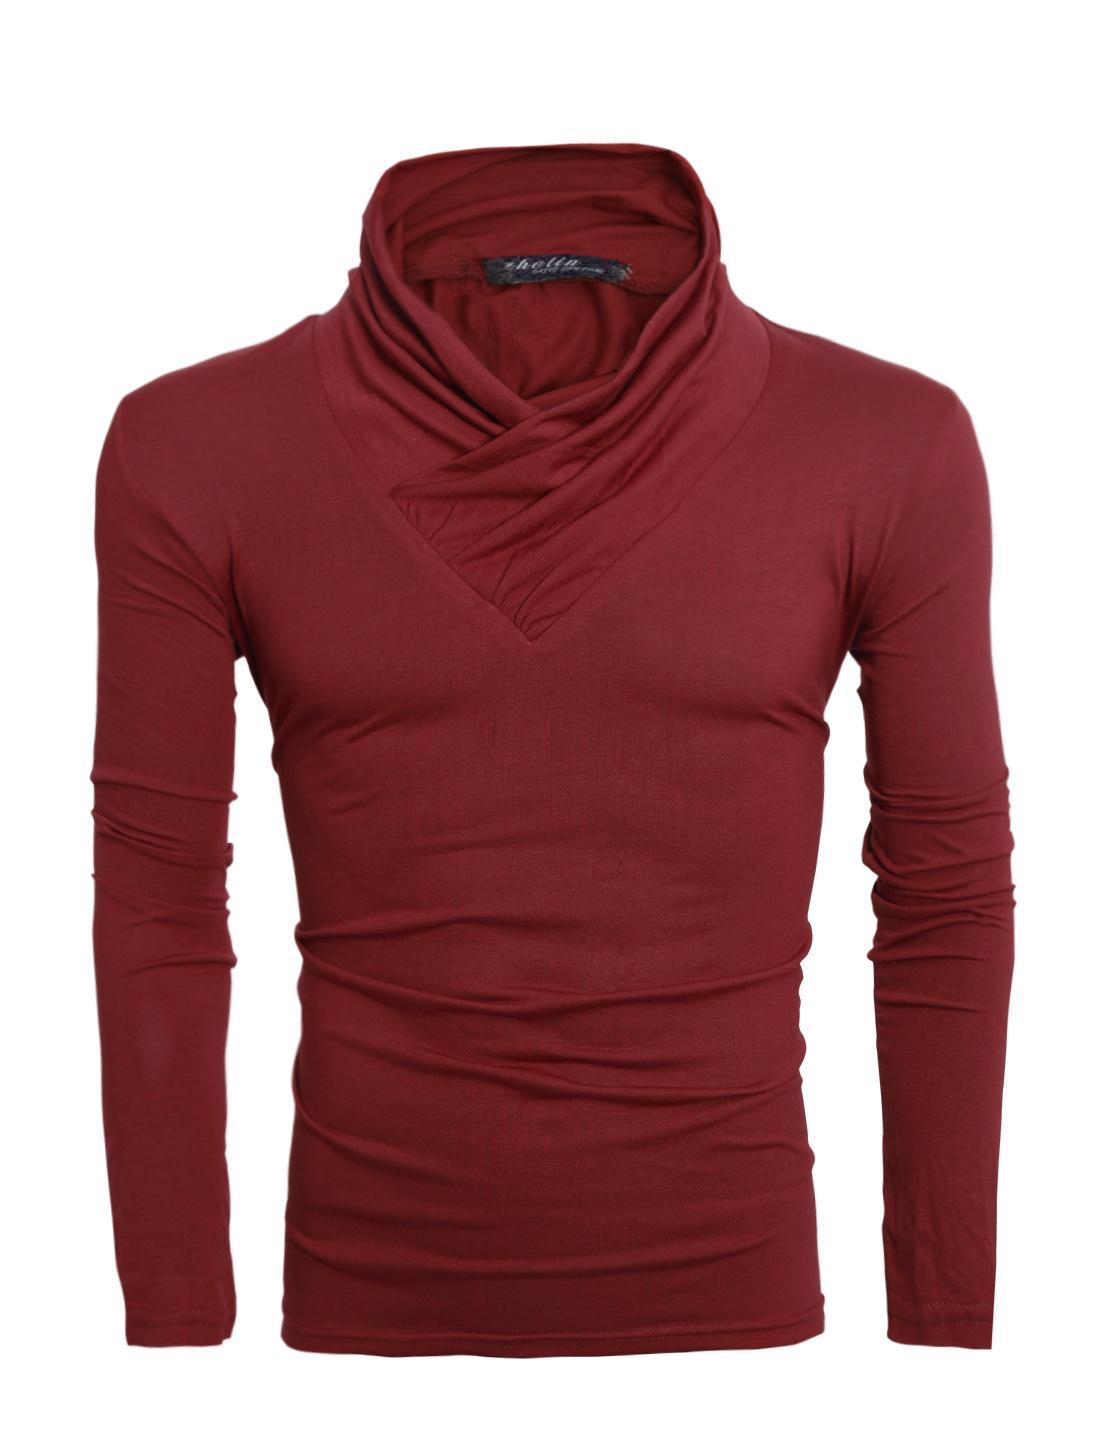 Men Turn Down Collar Long Sleeve Slim Fit Tee Burgundy M